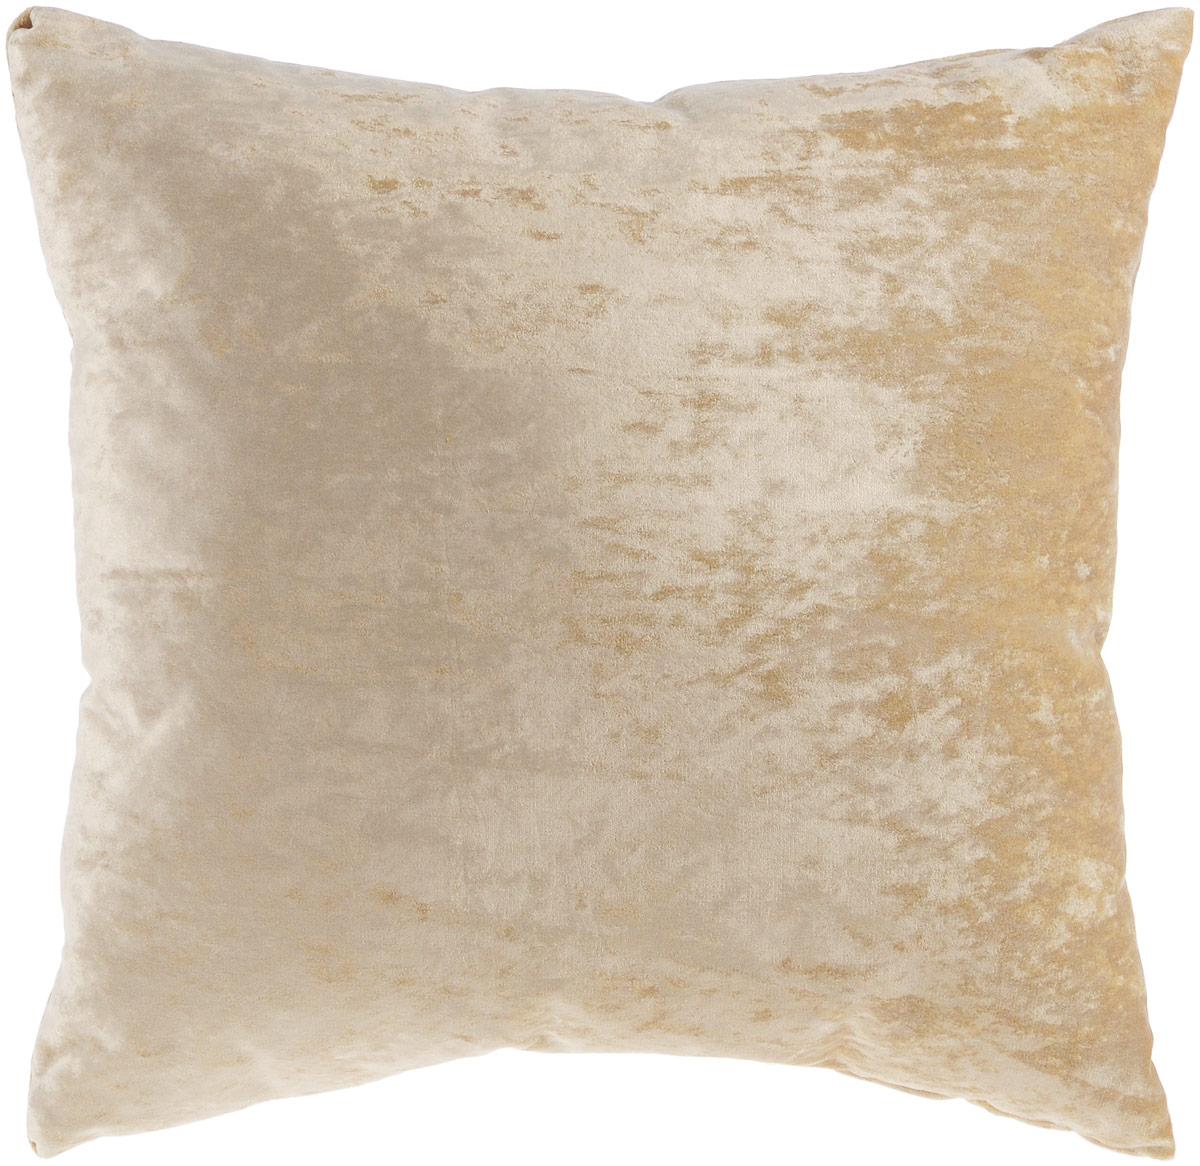 Подушка декоративная KauffOrt Бархат, цвет: бежевый, 40 x 40 см3121039625Декоративная подушка Бархат прекрасно дополнит интерьер спальни или гостиной. Бархатистый на ощупь чехол подушки выполнен из 49% вискозы, 42% хлопка и 9% полиэстера. Внутри находится мягкий наполнитель. Чехол легко снимается благодаря потайной молнии. Красивая подушка создаст атмосферу уюта и комфорта в спальне и станет прекрасным элементом декора.